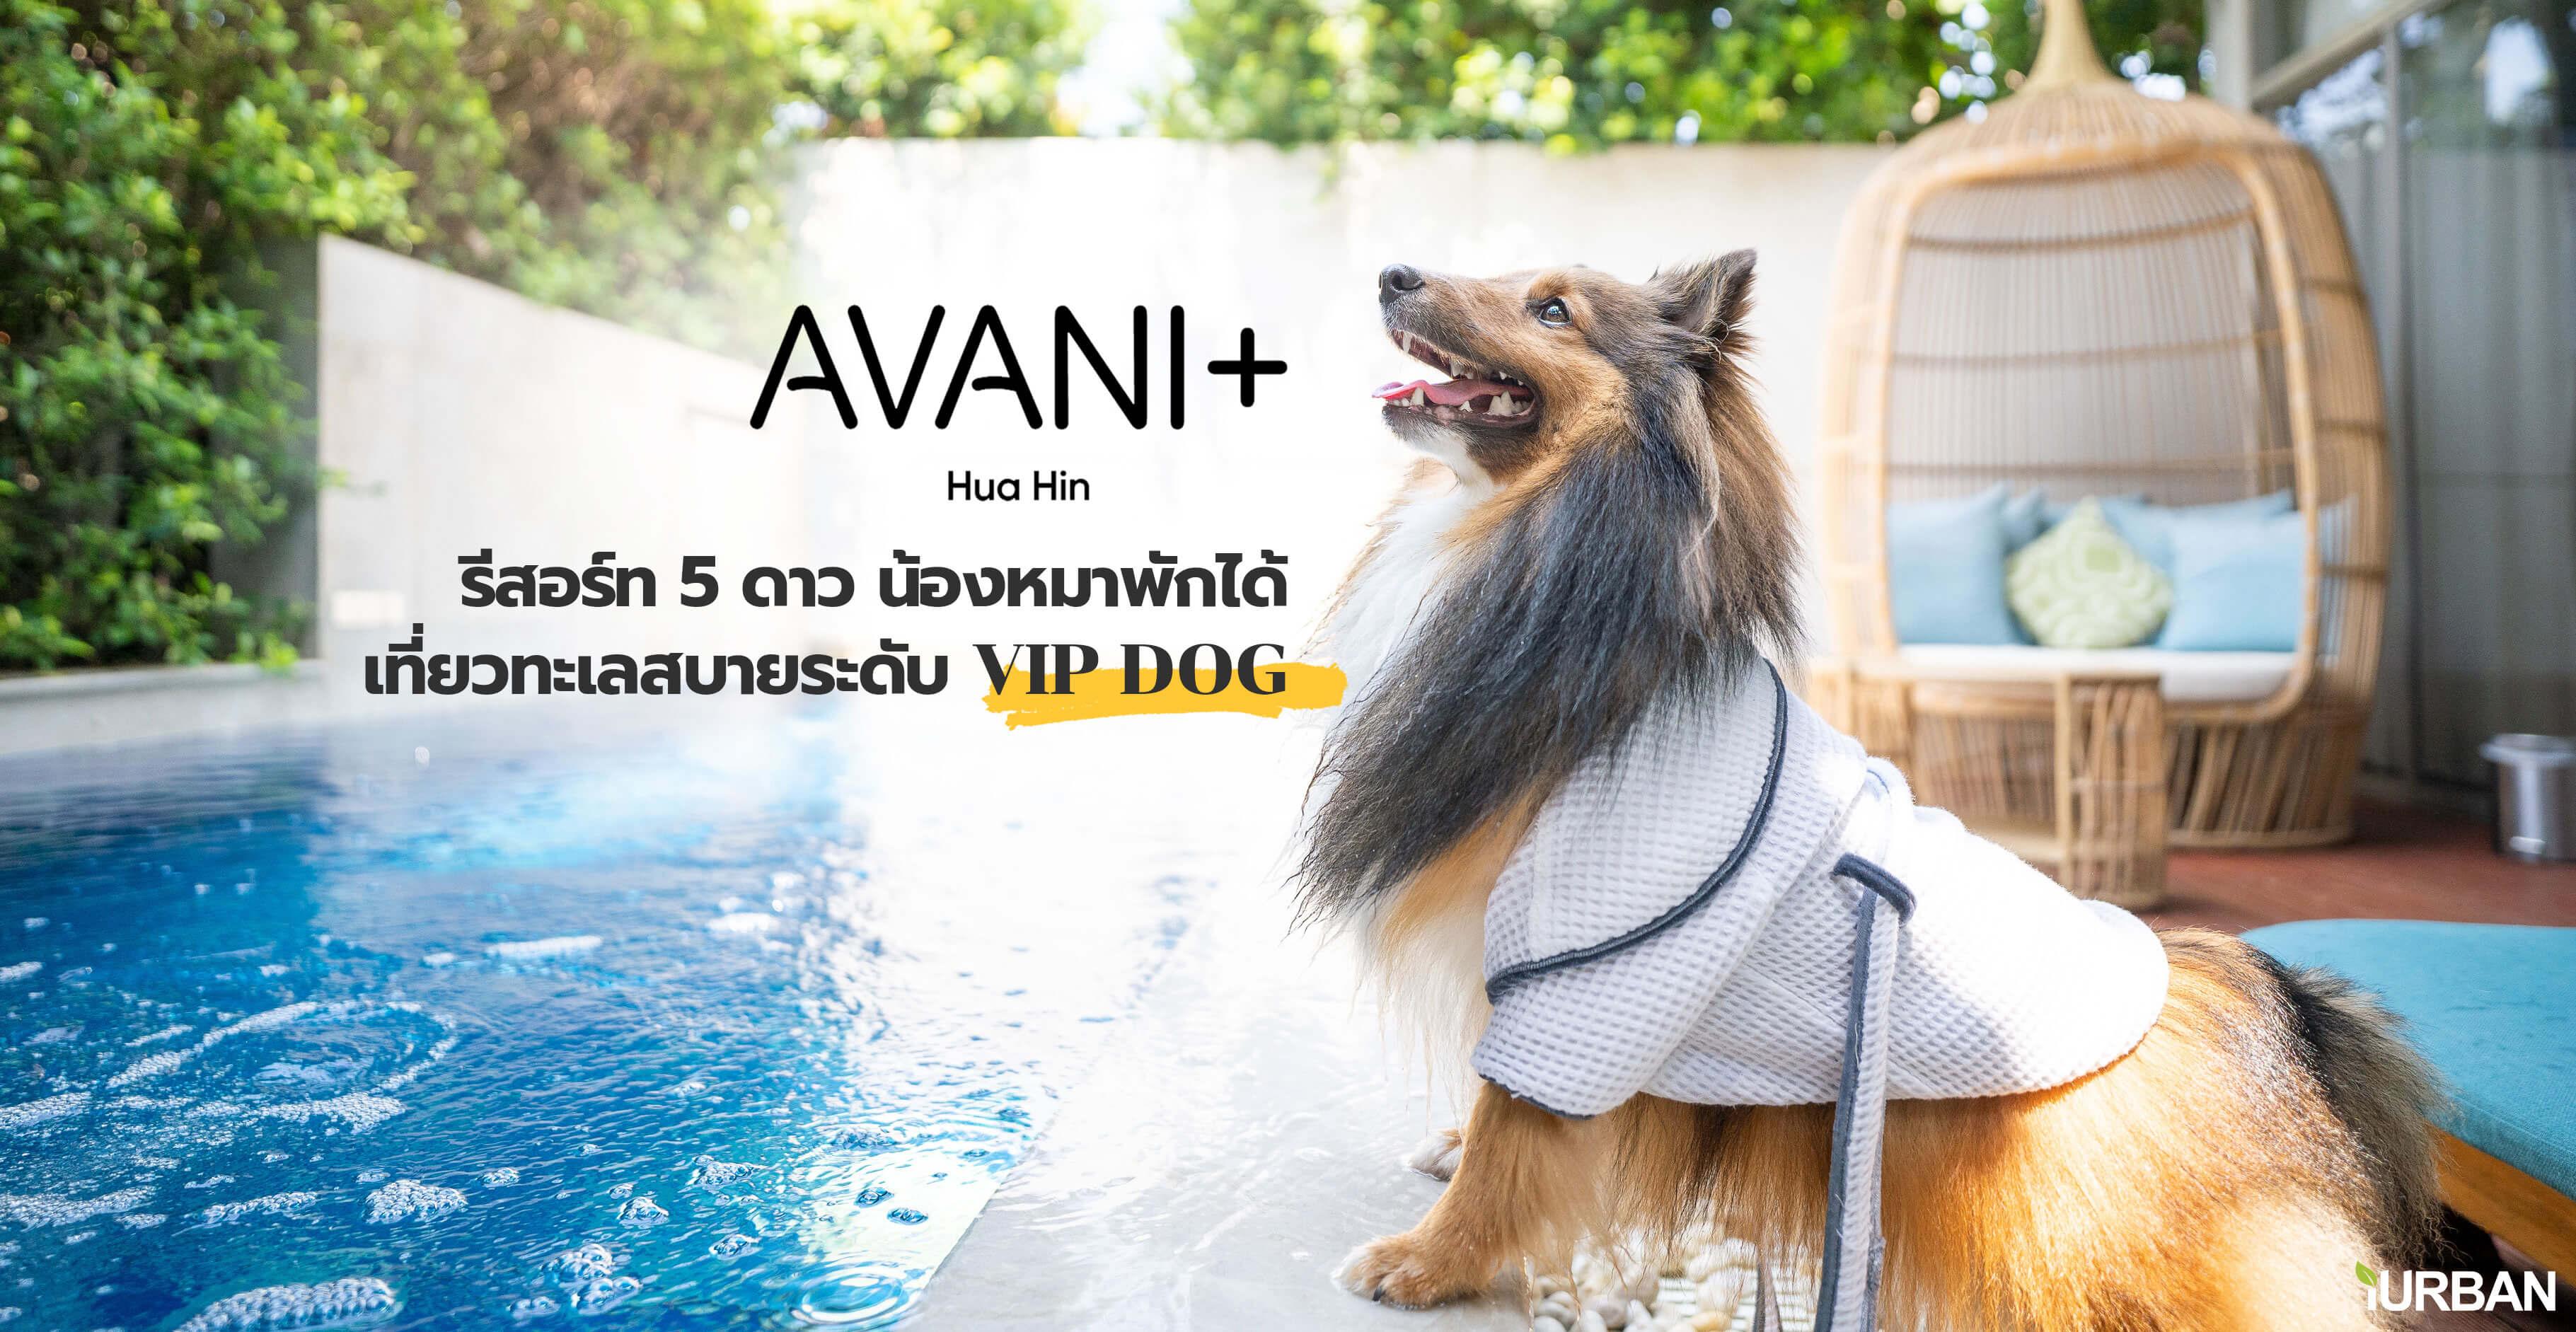 รีวิว Avani+ Hua Hin Resort พูลวิลล่าส่วนตัวสุดหรู หนึ่งในรีสอร์ทสุนัขพักได้ที่ดีที่สุดในไทยจากเชนจ์ Minor 13 - Avani